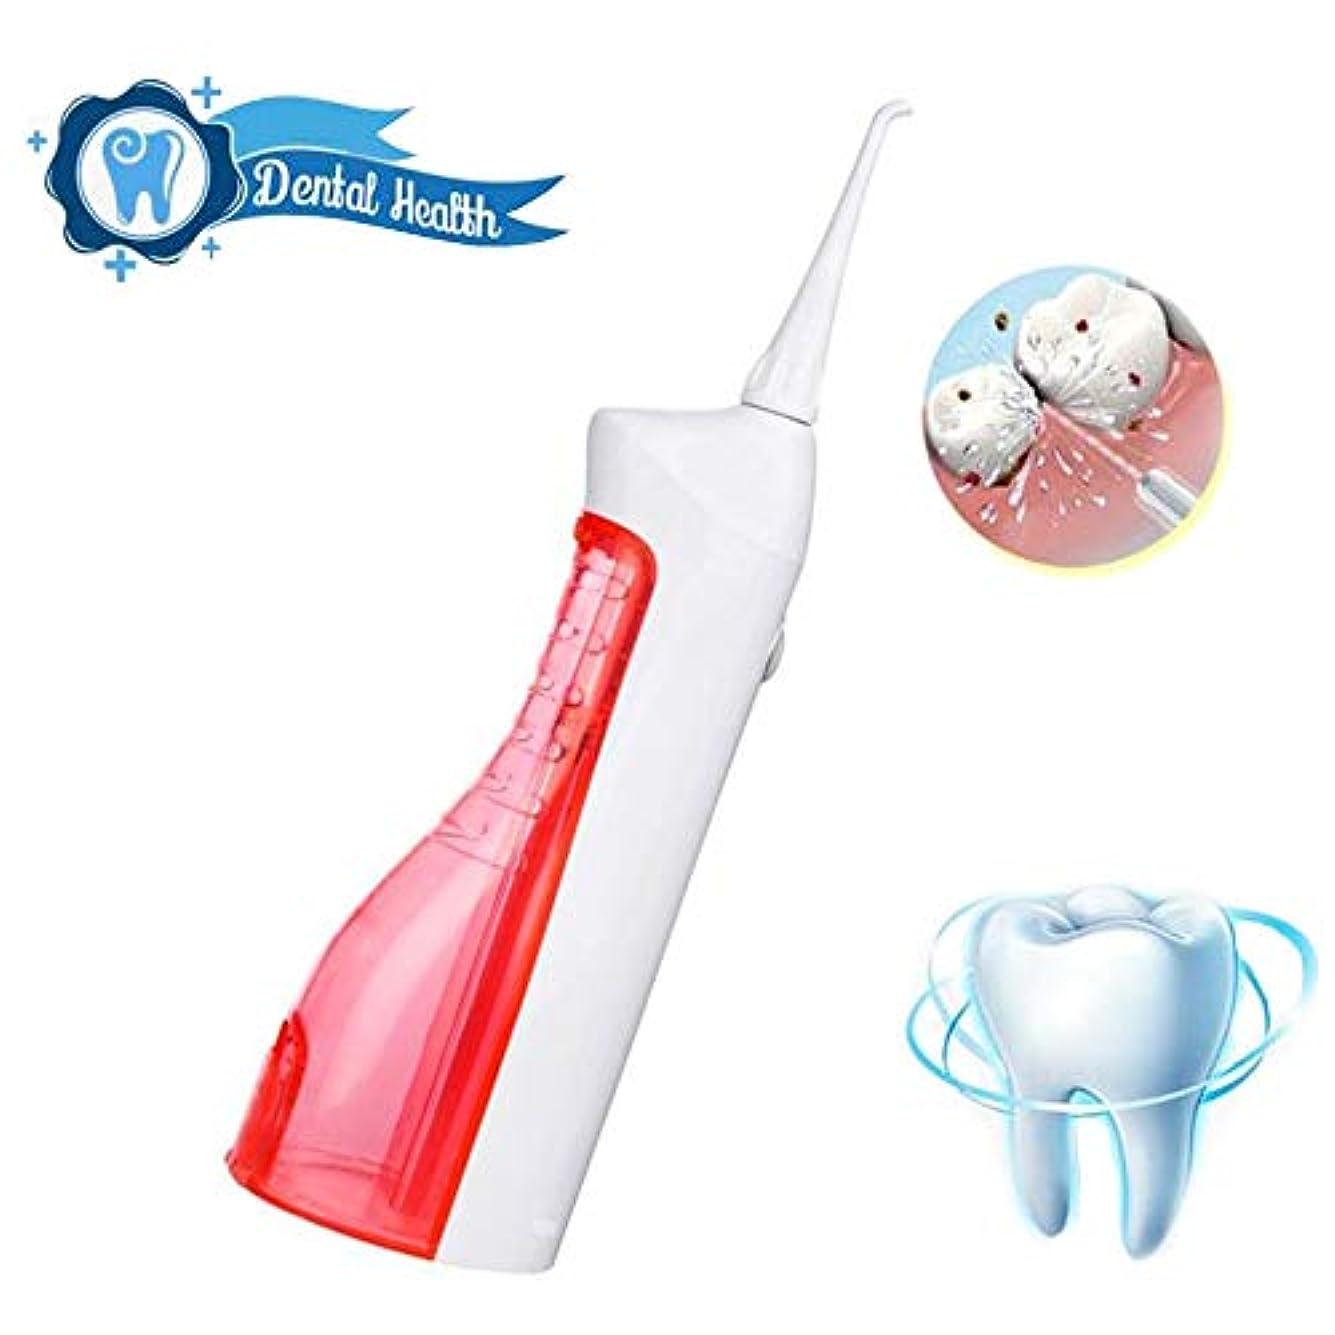 申し立てられたアクセスできない無声で歯のためのウォーターフロッサー、ポータブルプロフェッショナルコードレス歯科口腔灌漑器(150mlタンク、2本のジェットチップ付き)歯磨き粉用クリーナー、2つのクリーニングモード、USB充電式、IPX7